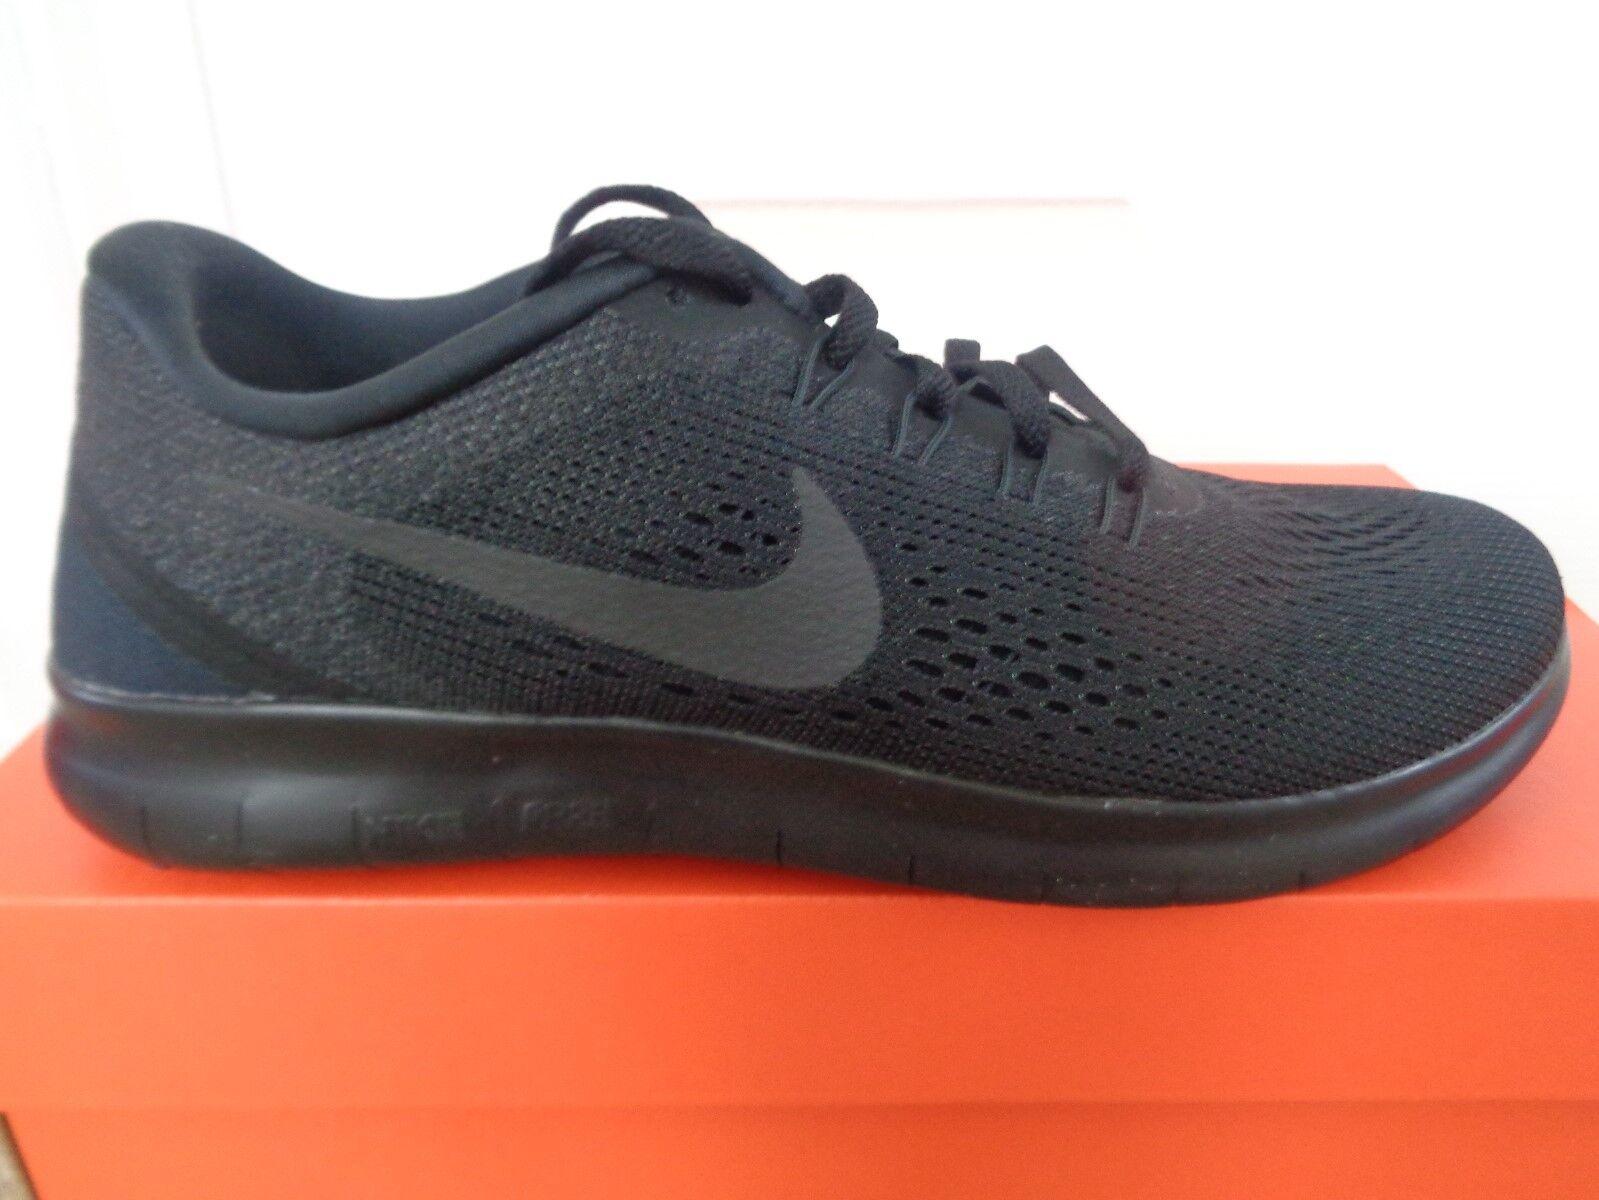 Nike Free RN para mujer Zapatillas Sneakers zapatos 831509 002 nos 7 Nuevo + Caja